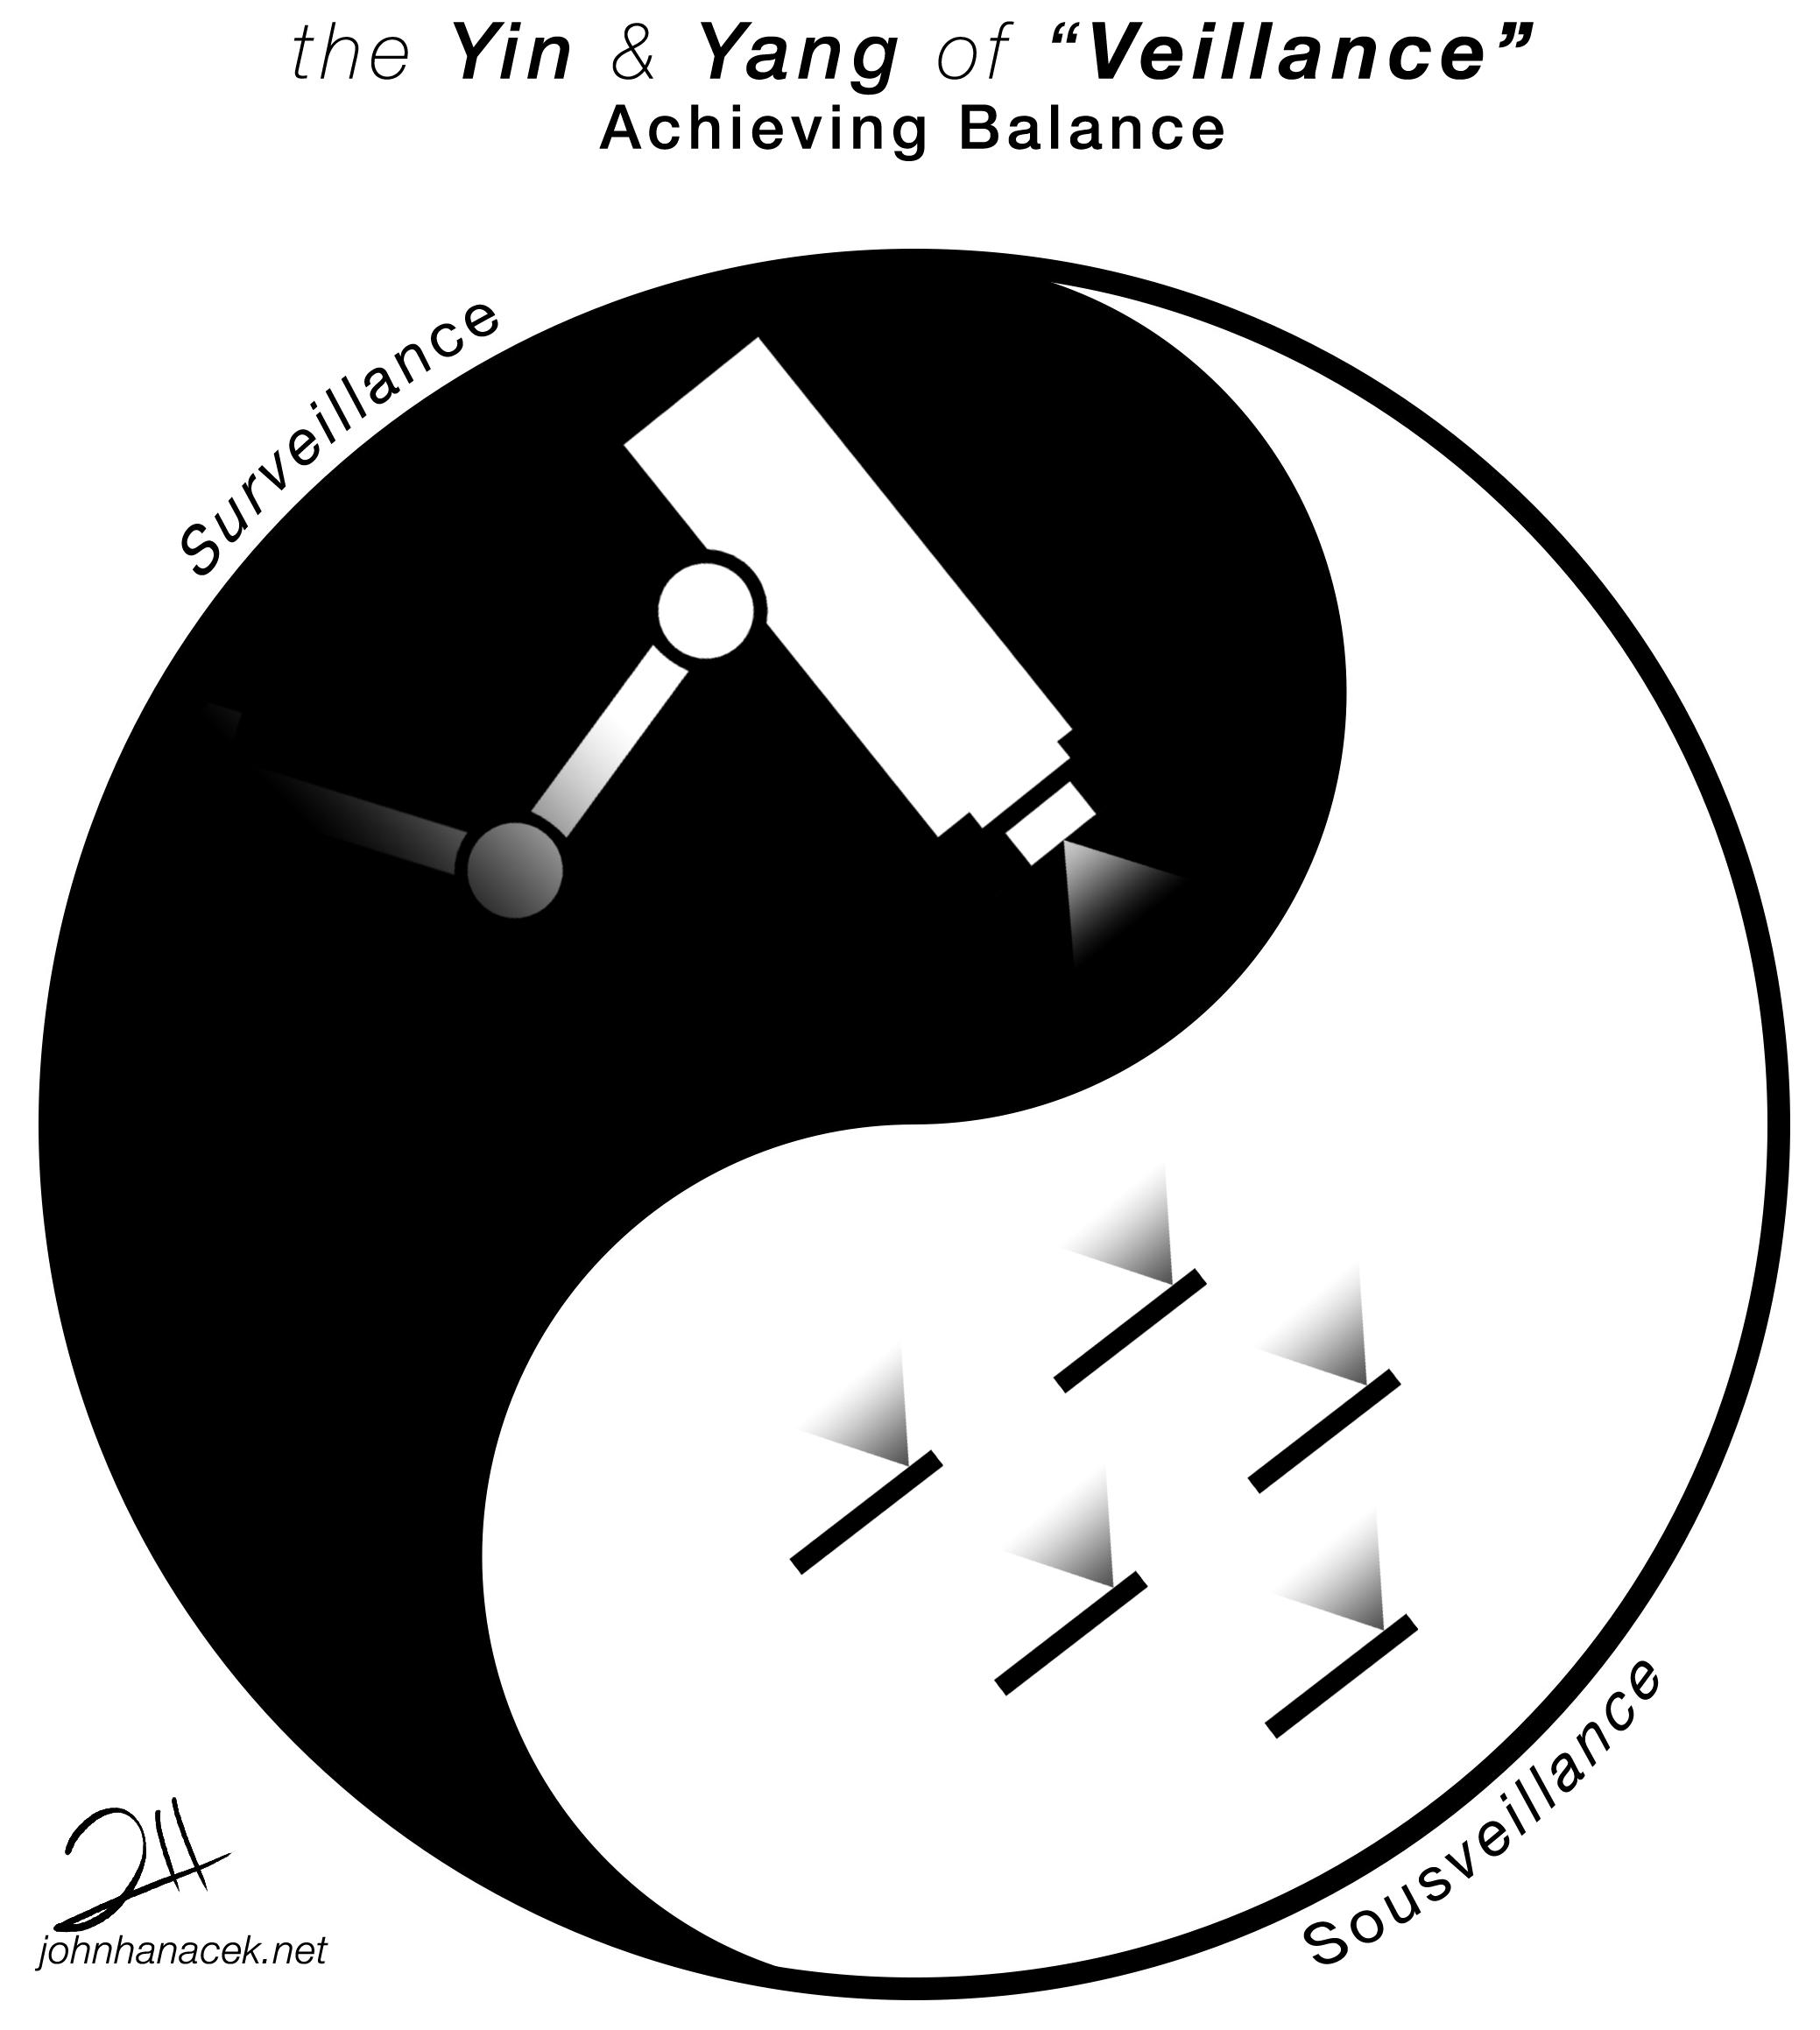 veillance-yin-yang.png